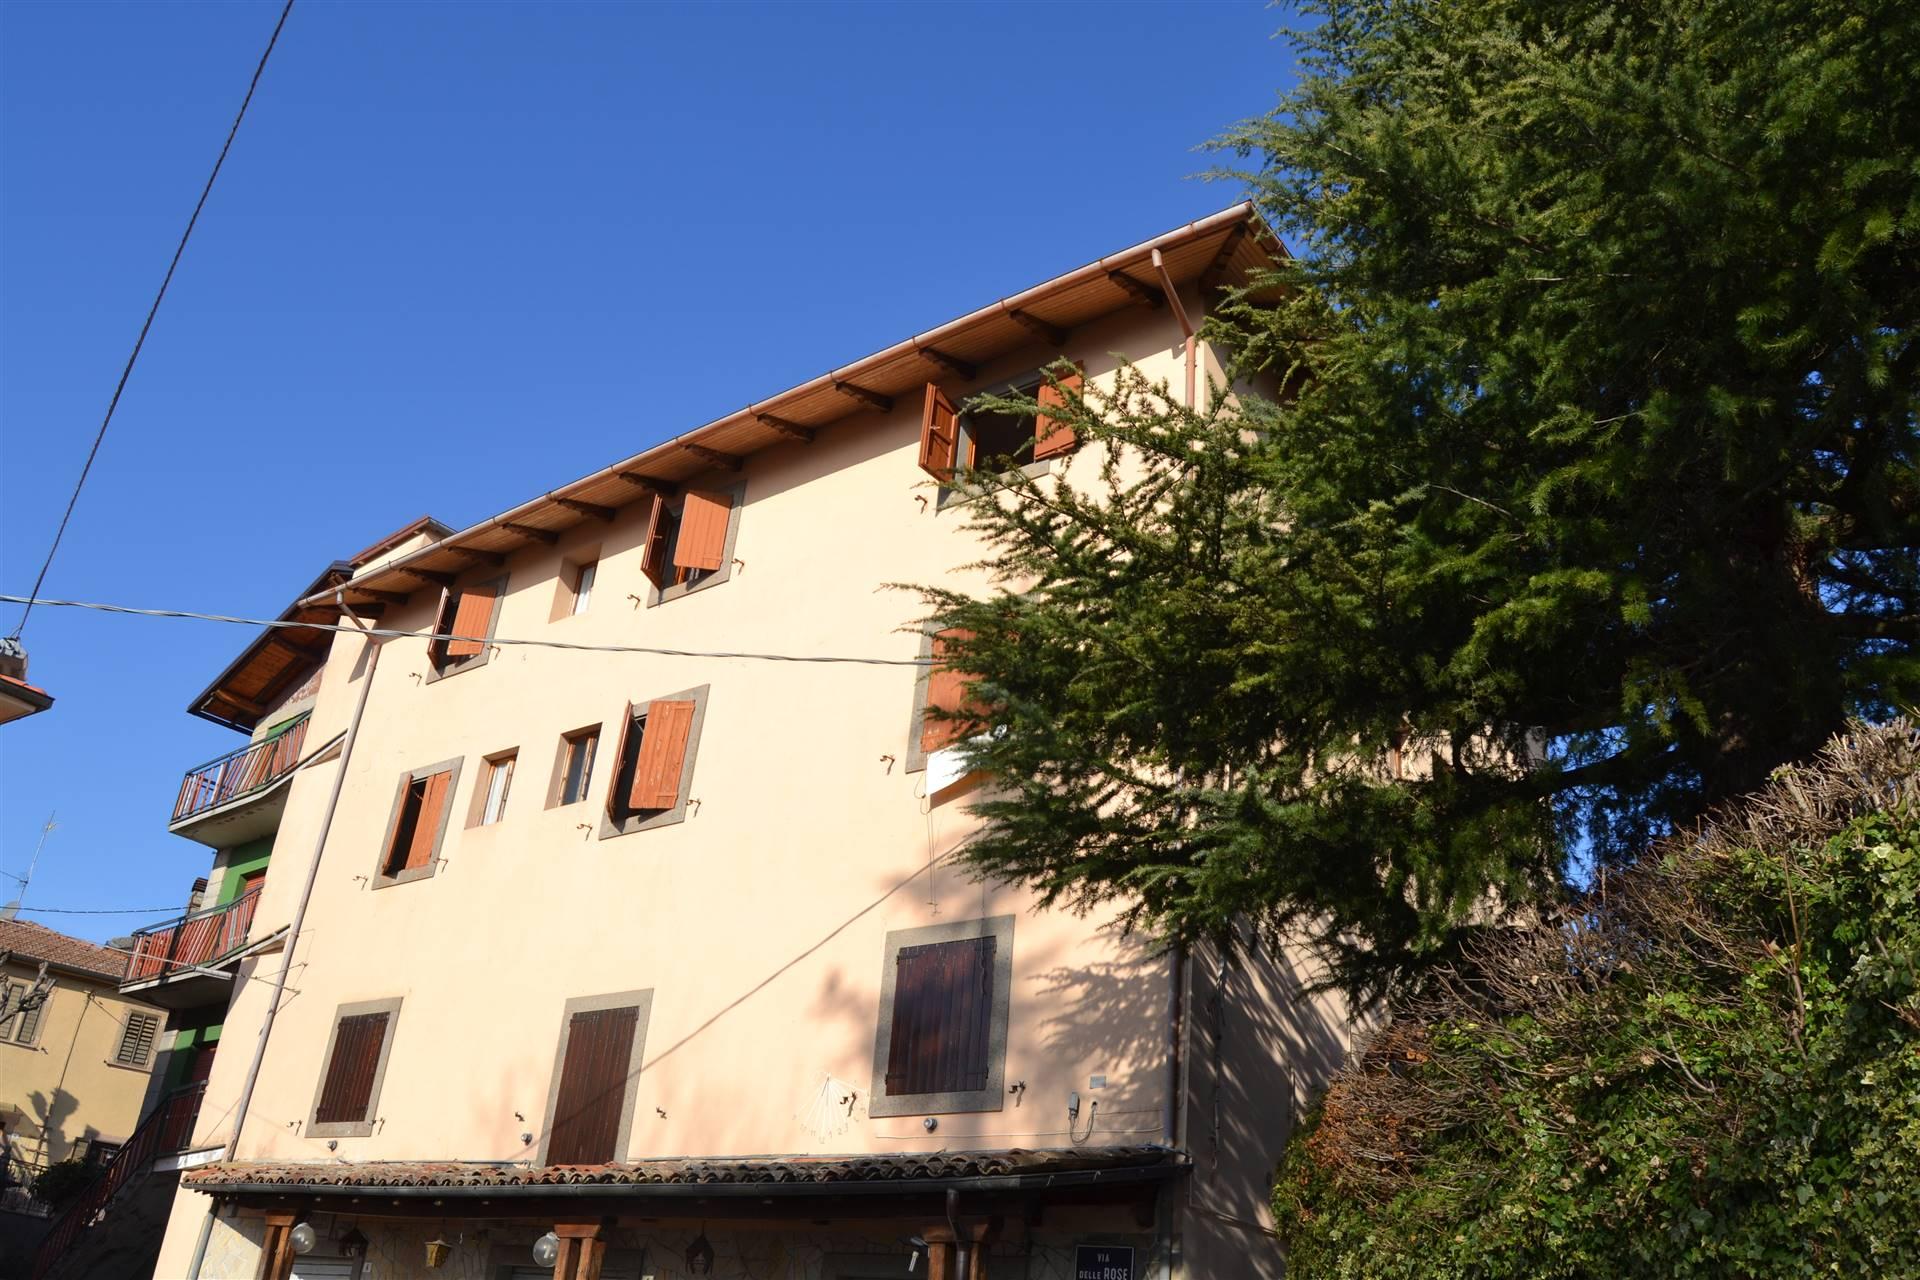 Ristorante / Pizzeria / Trattoria in vendita a Gaggio Montano, 9999 locali, prezzo € 180.000   CambioCasa.it